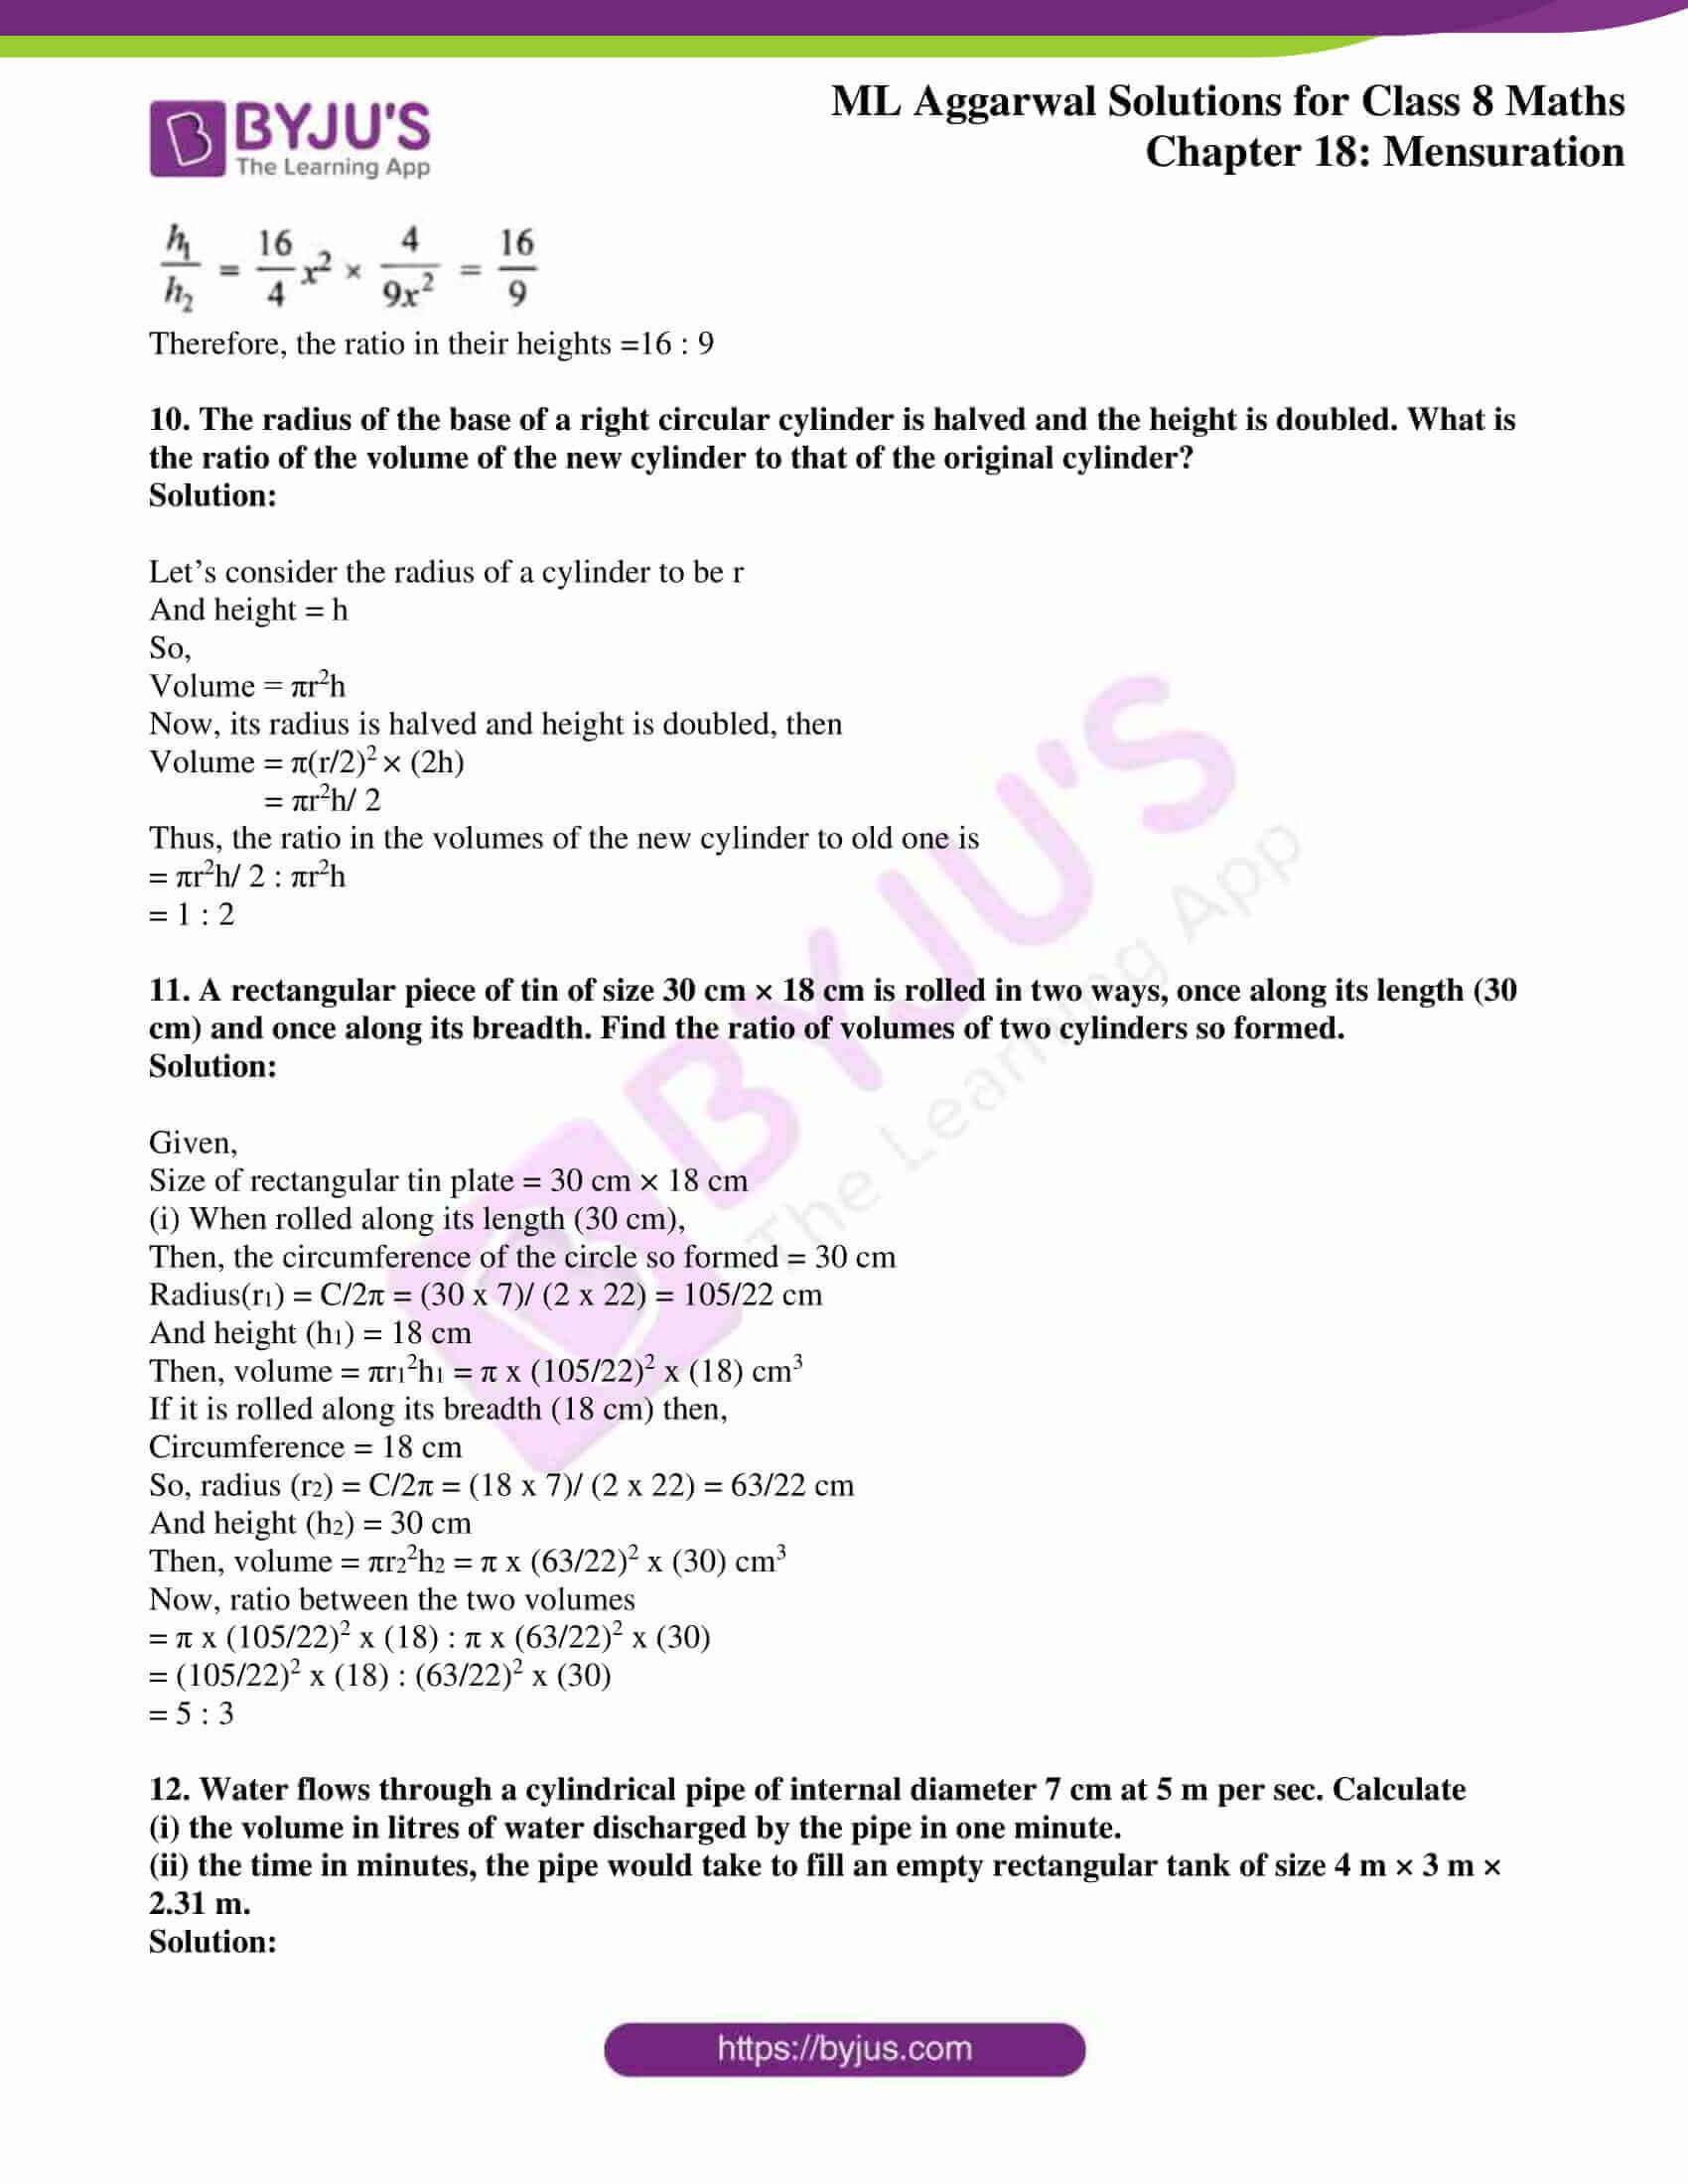 ml aggarwal sol mathematics class 8 ch 18 24